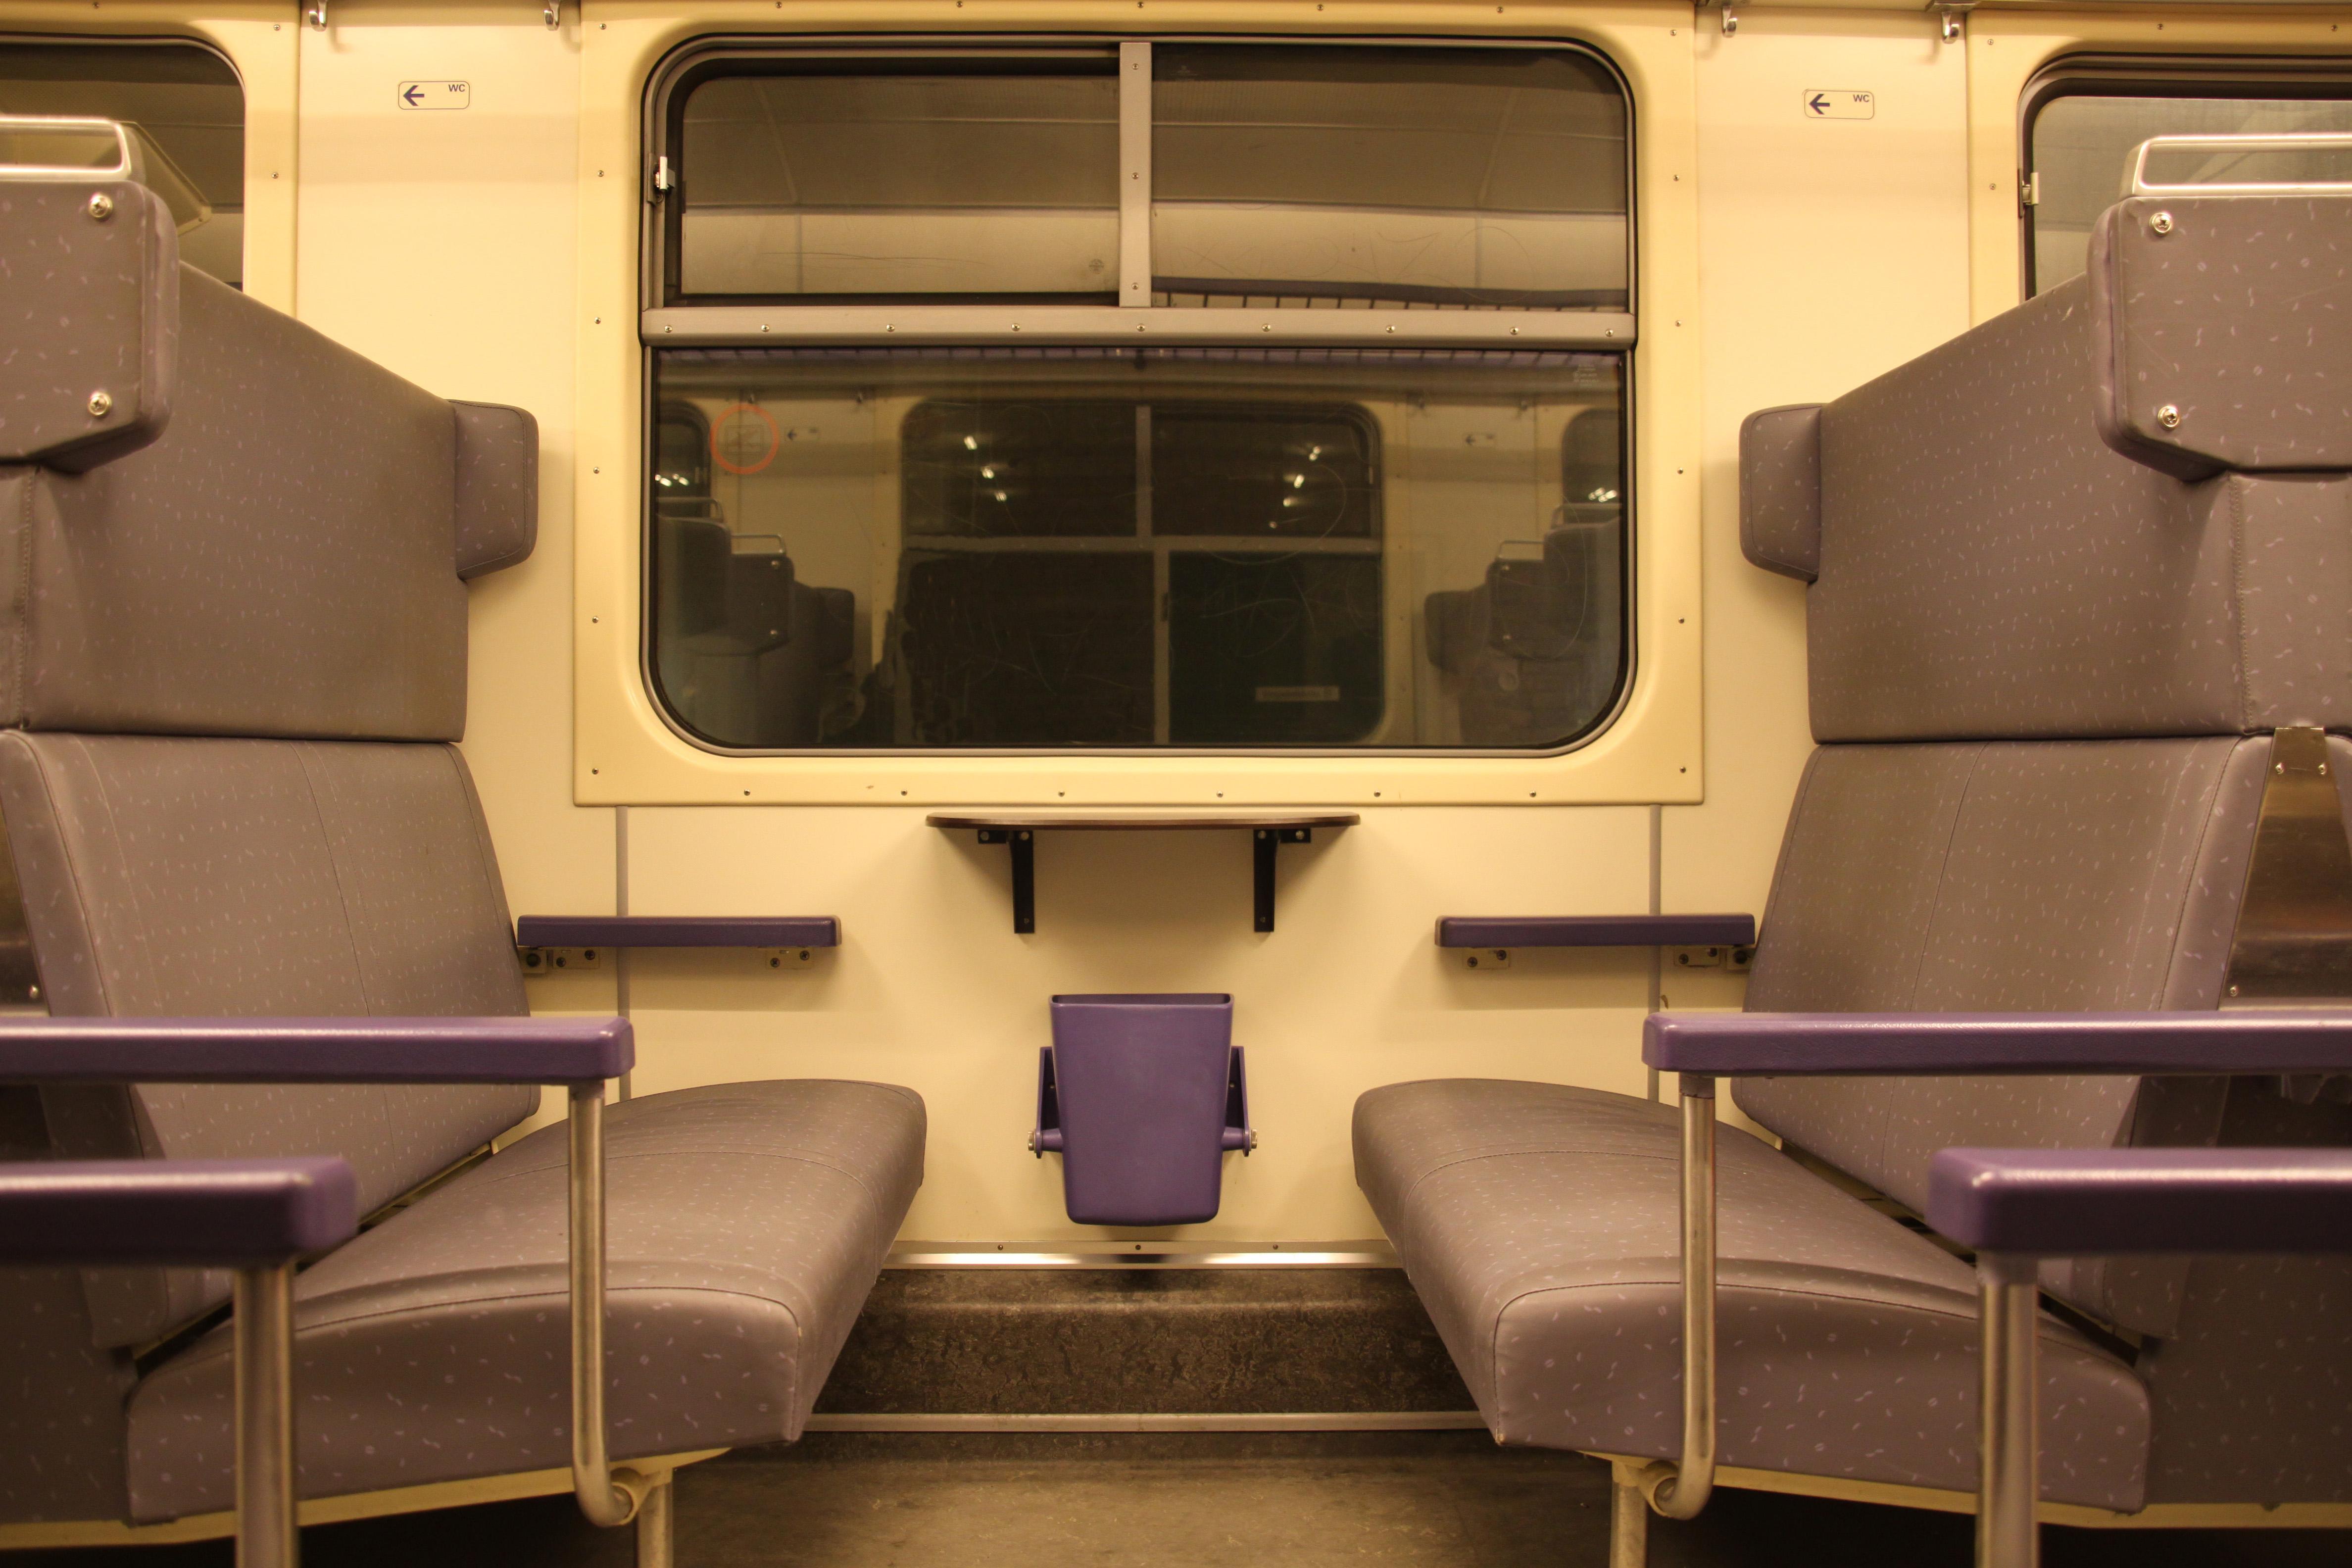 File interieur tweede klasse plan wikimedia commons - Van plan interieur ...